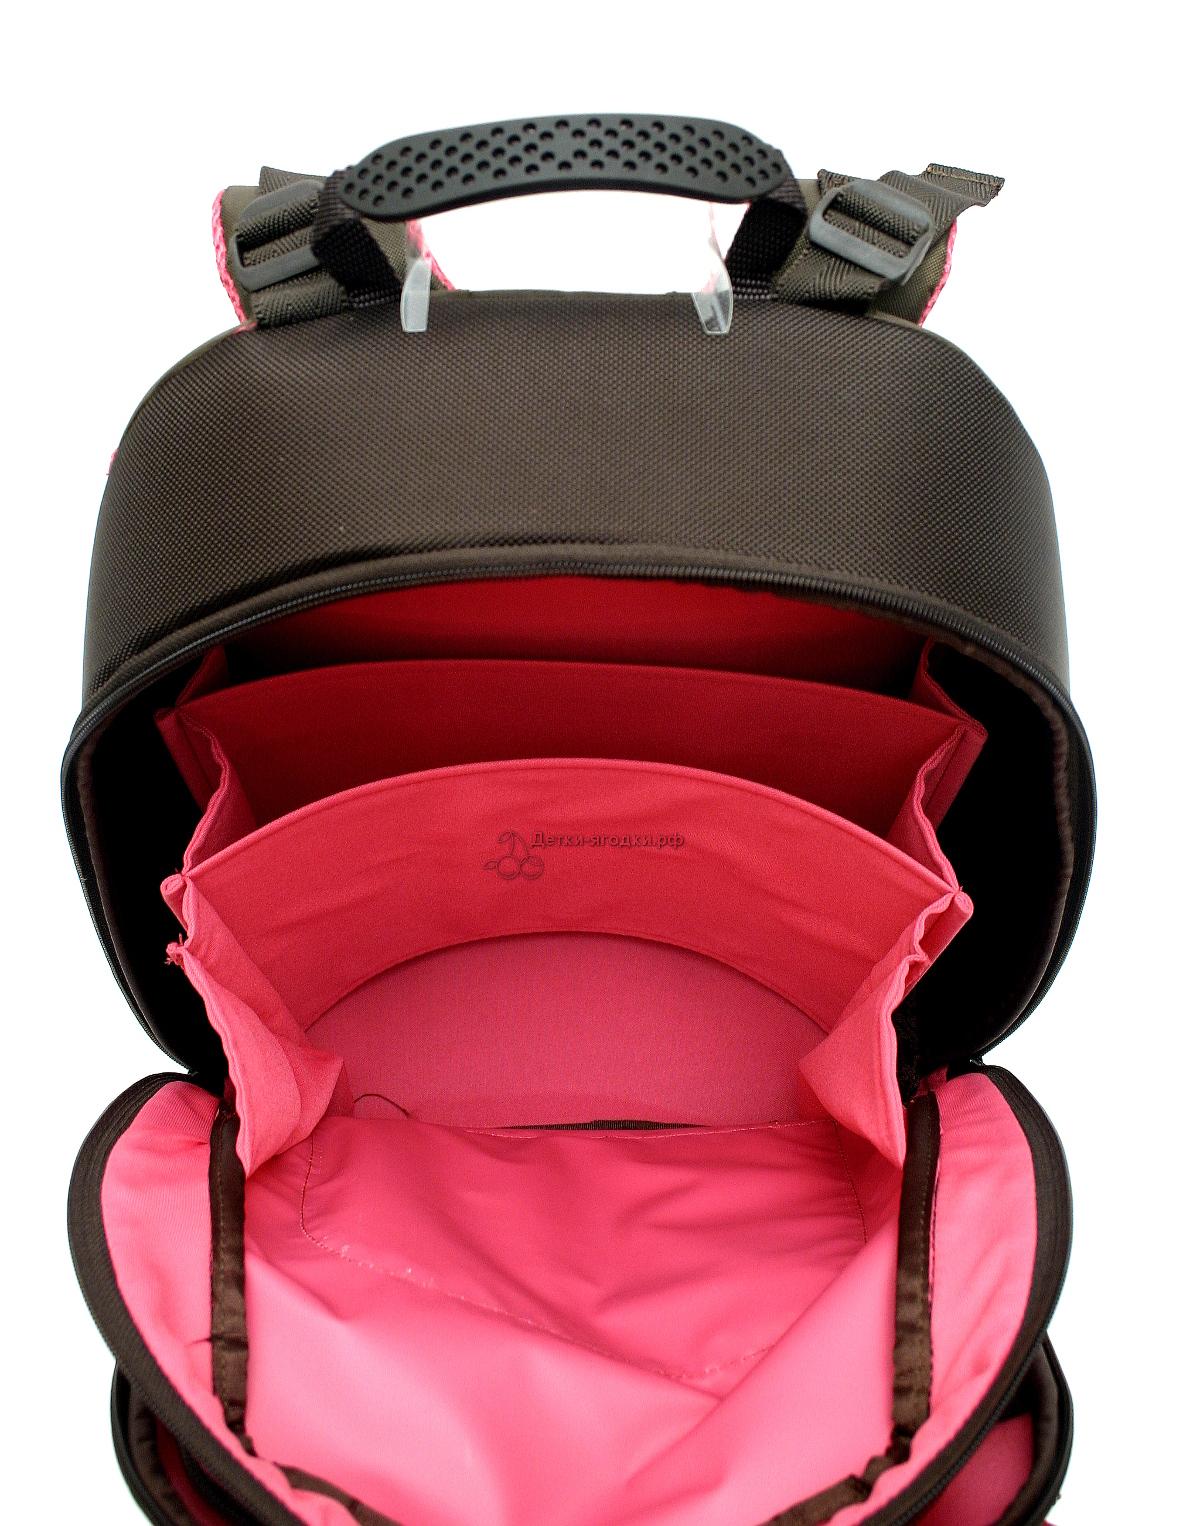 Школьный рюкзак Hummingbird T86 официальный, - фото 6